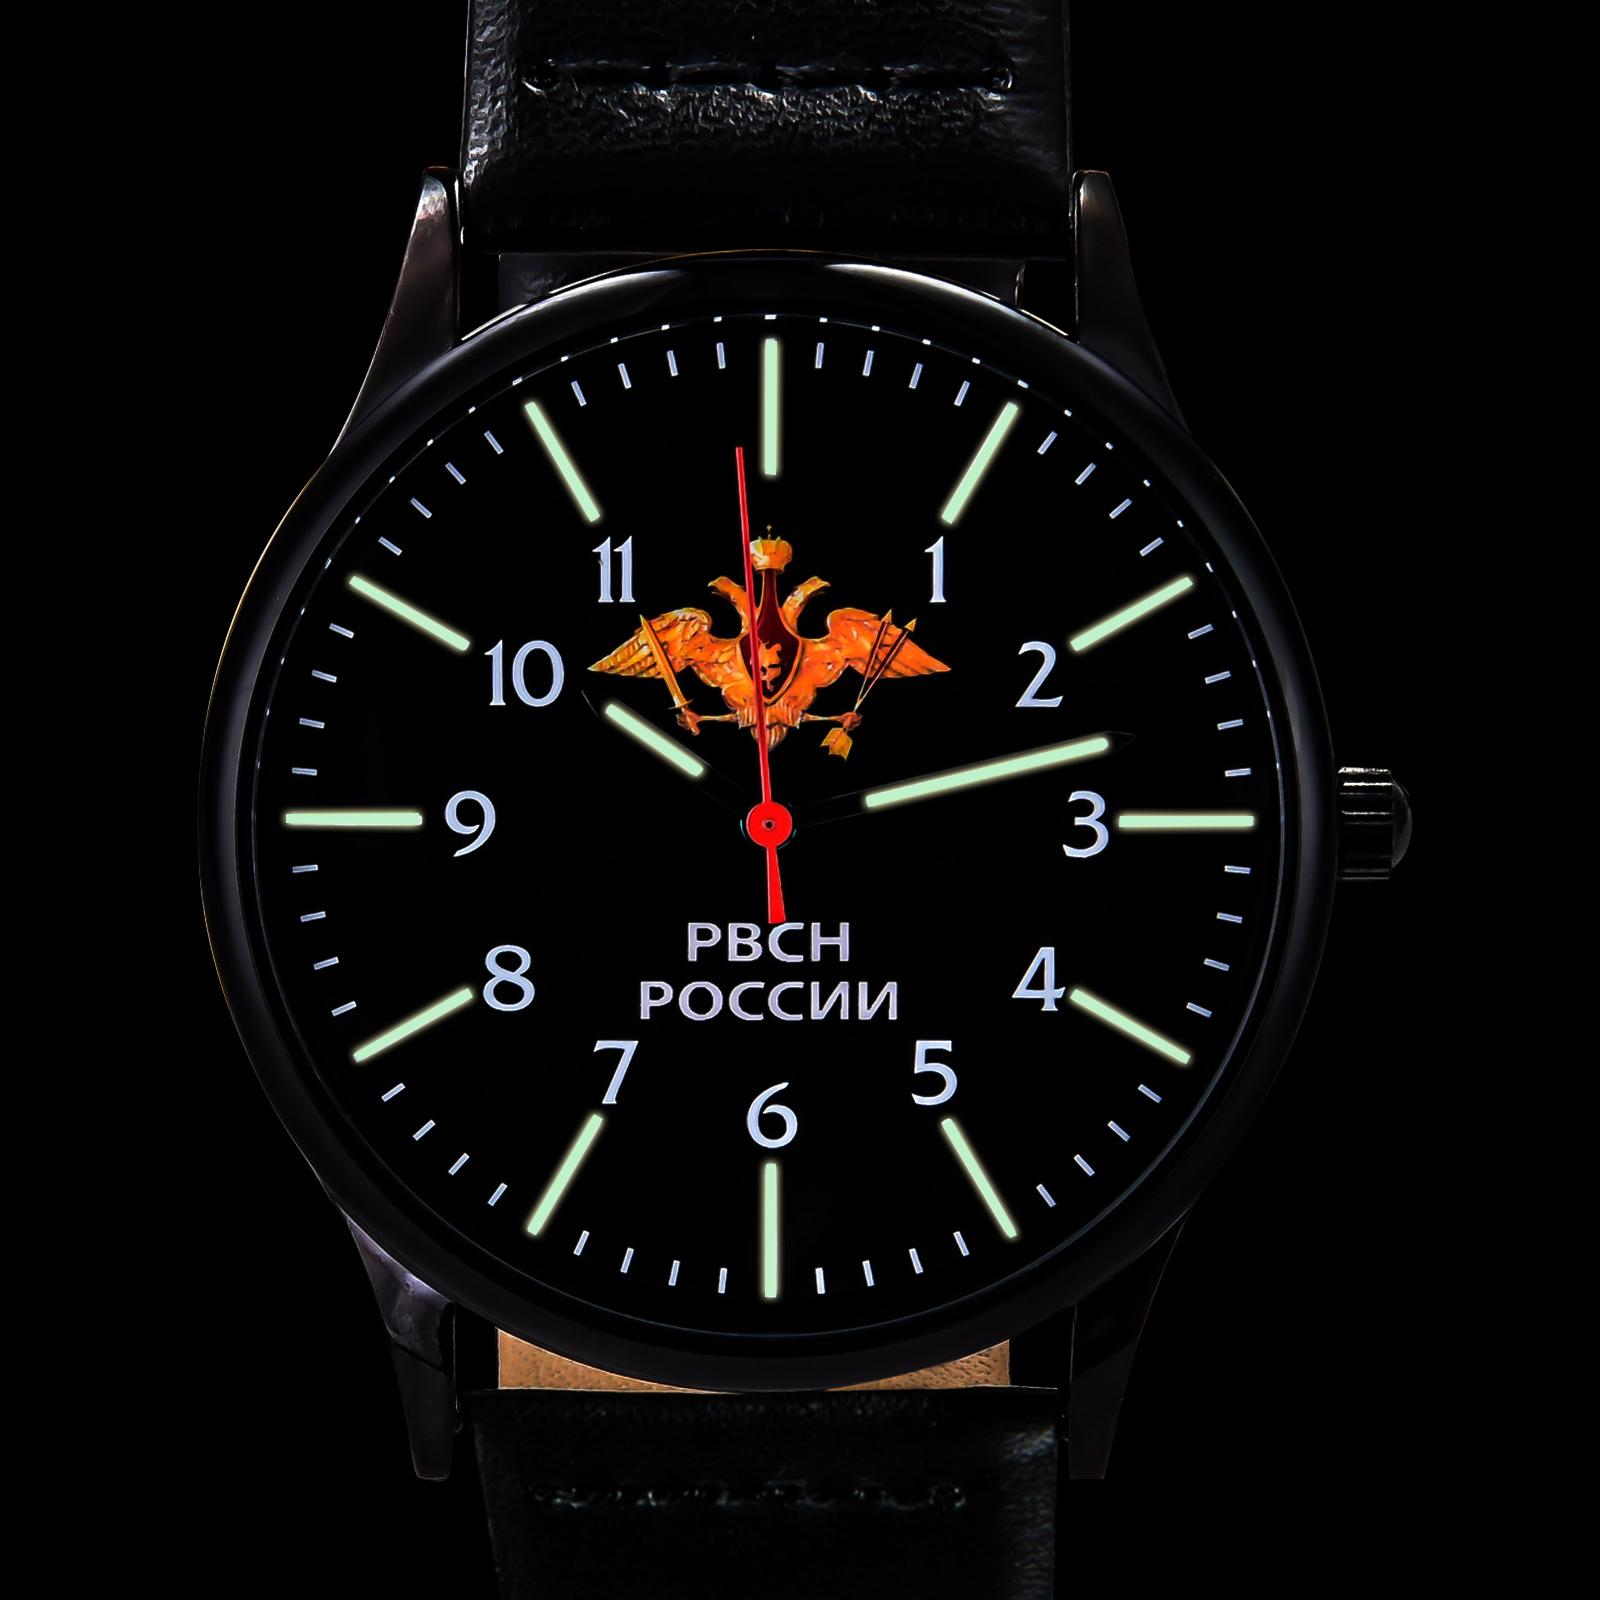 Командирские часы РВСН